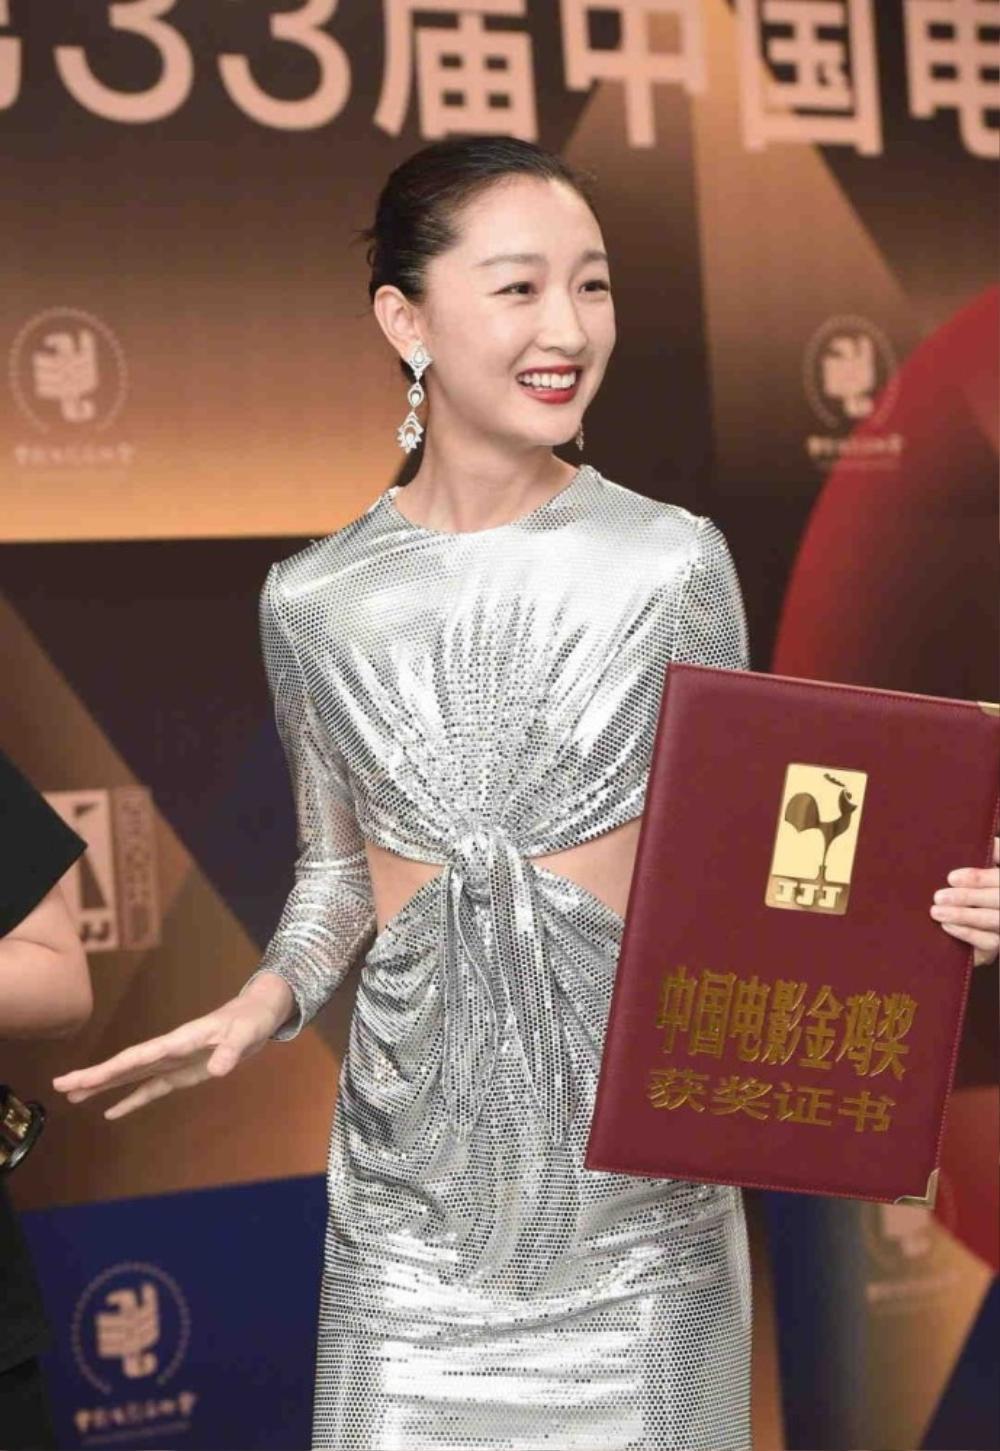 Châu Đông Vũ trở thành Tam kim Ảnh hậu, dân mạng chất vấn: 'Đạo văn cũng nhận được giải?' Ảnh 6